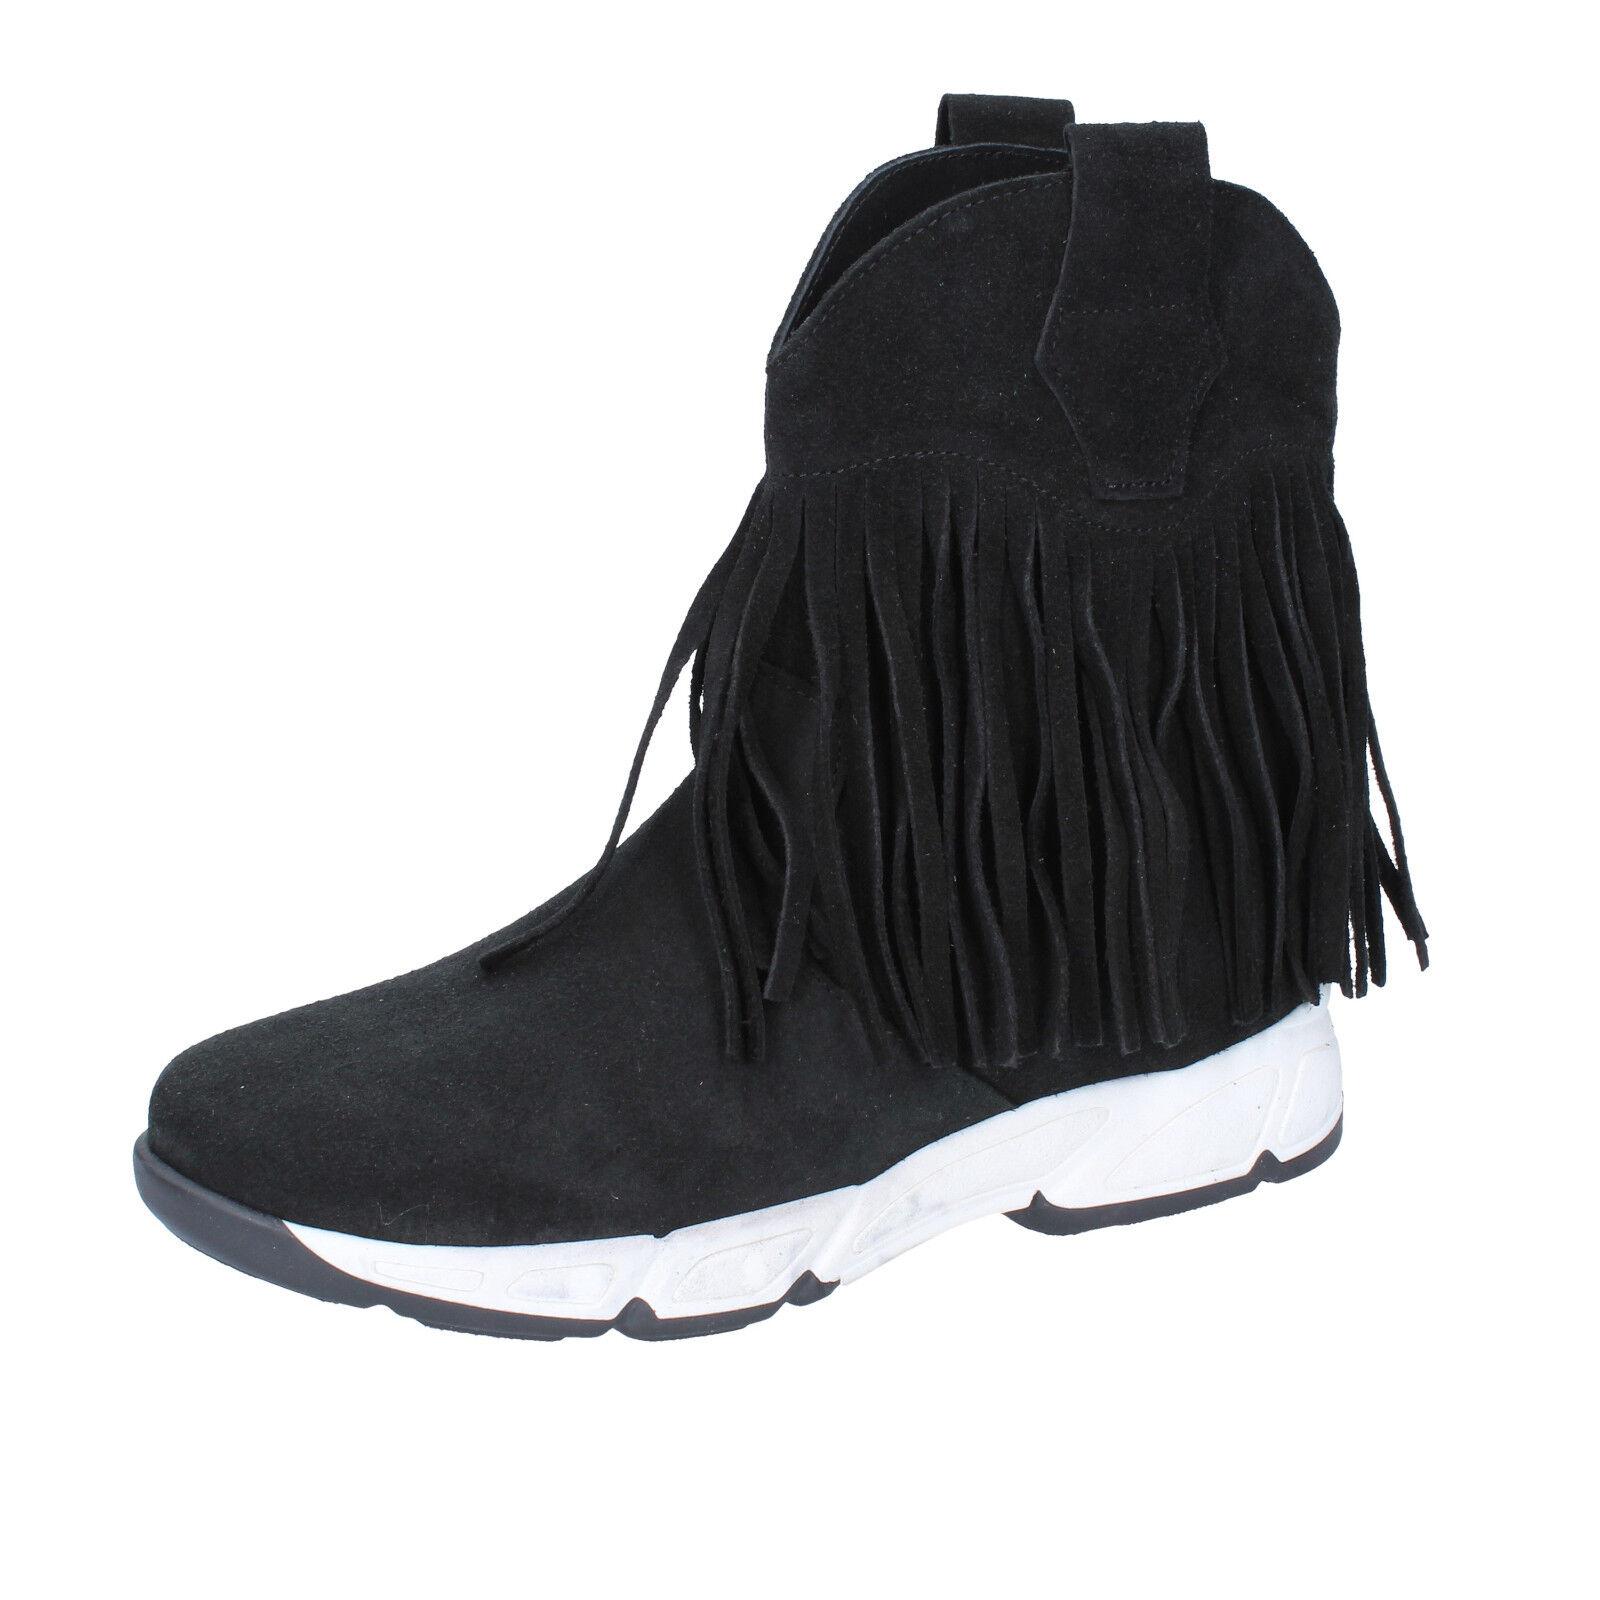 Chaussures Femmes Olga Rubini 7 (UE 40) Bottines en daim noir BX784-40